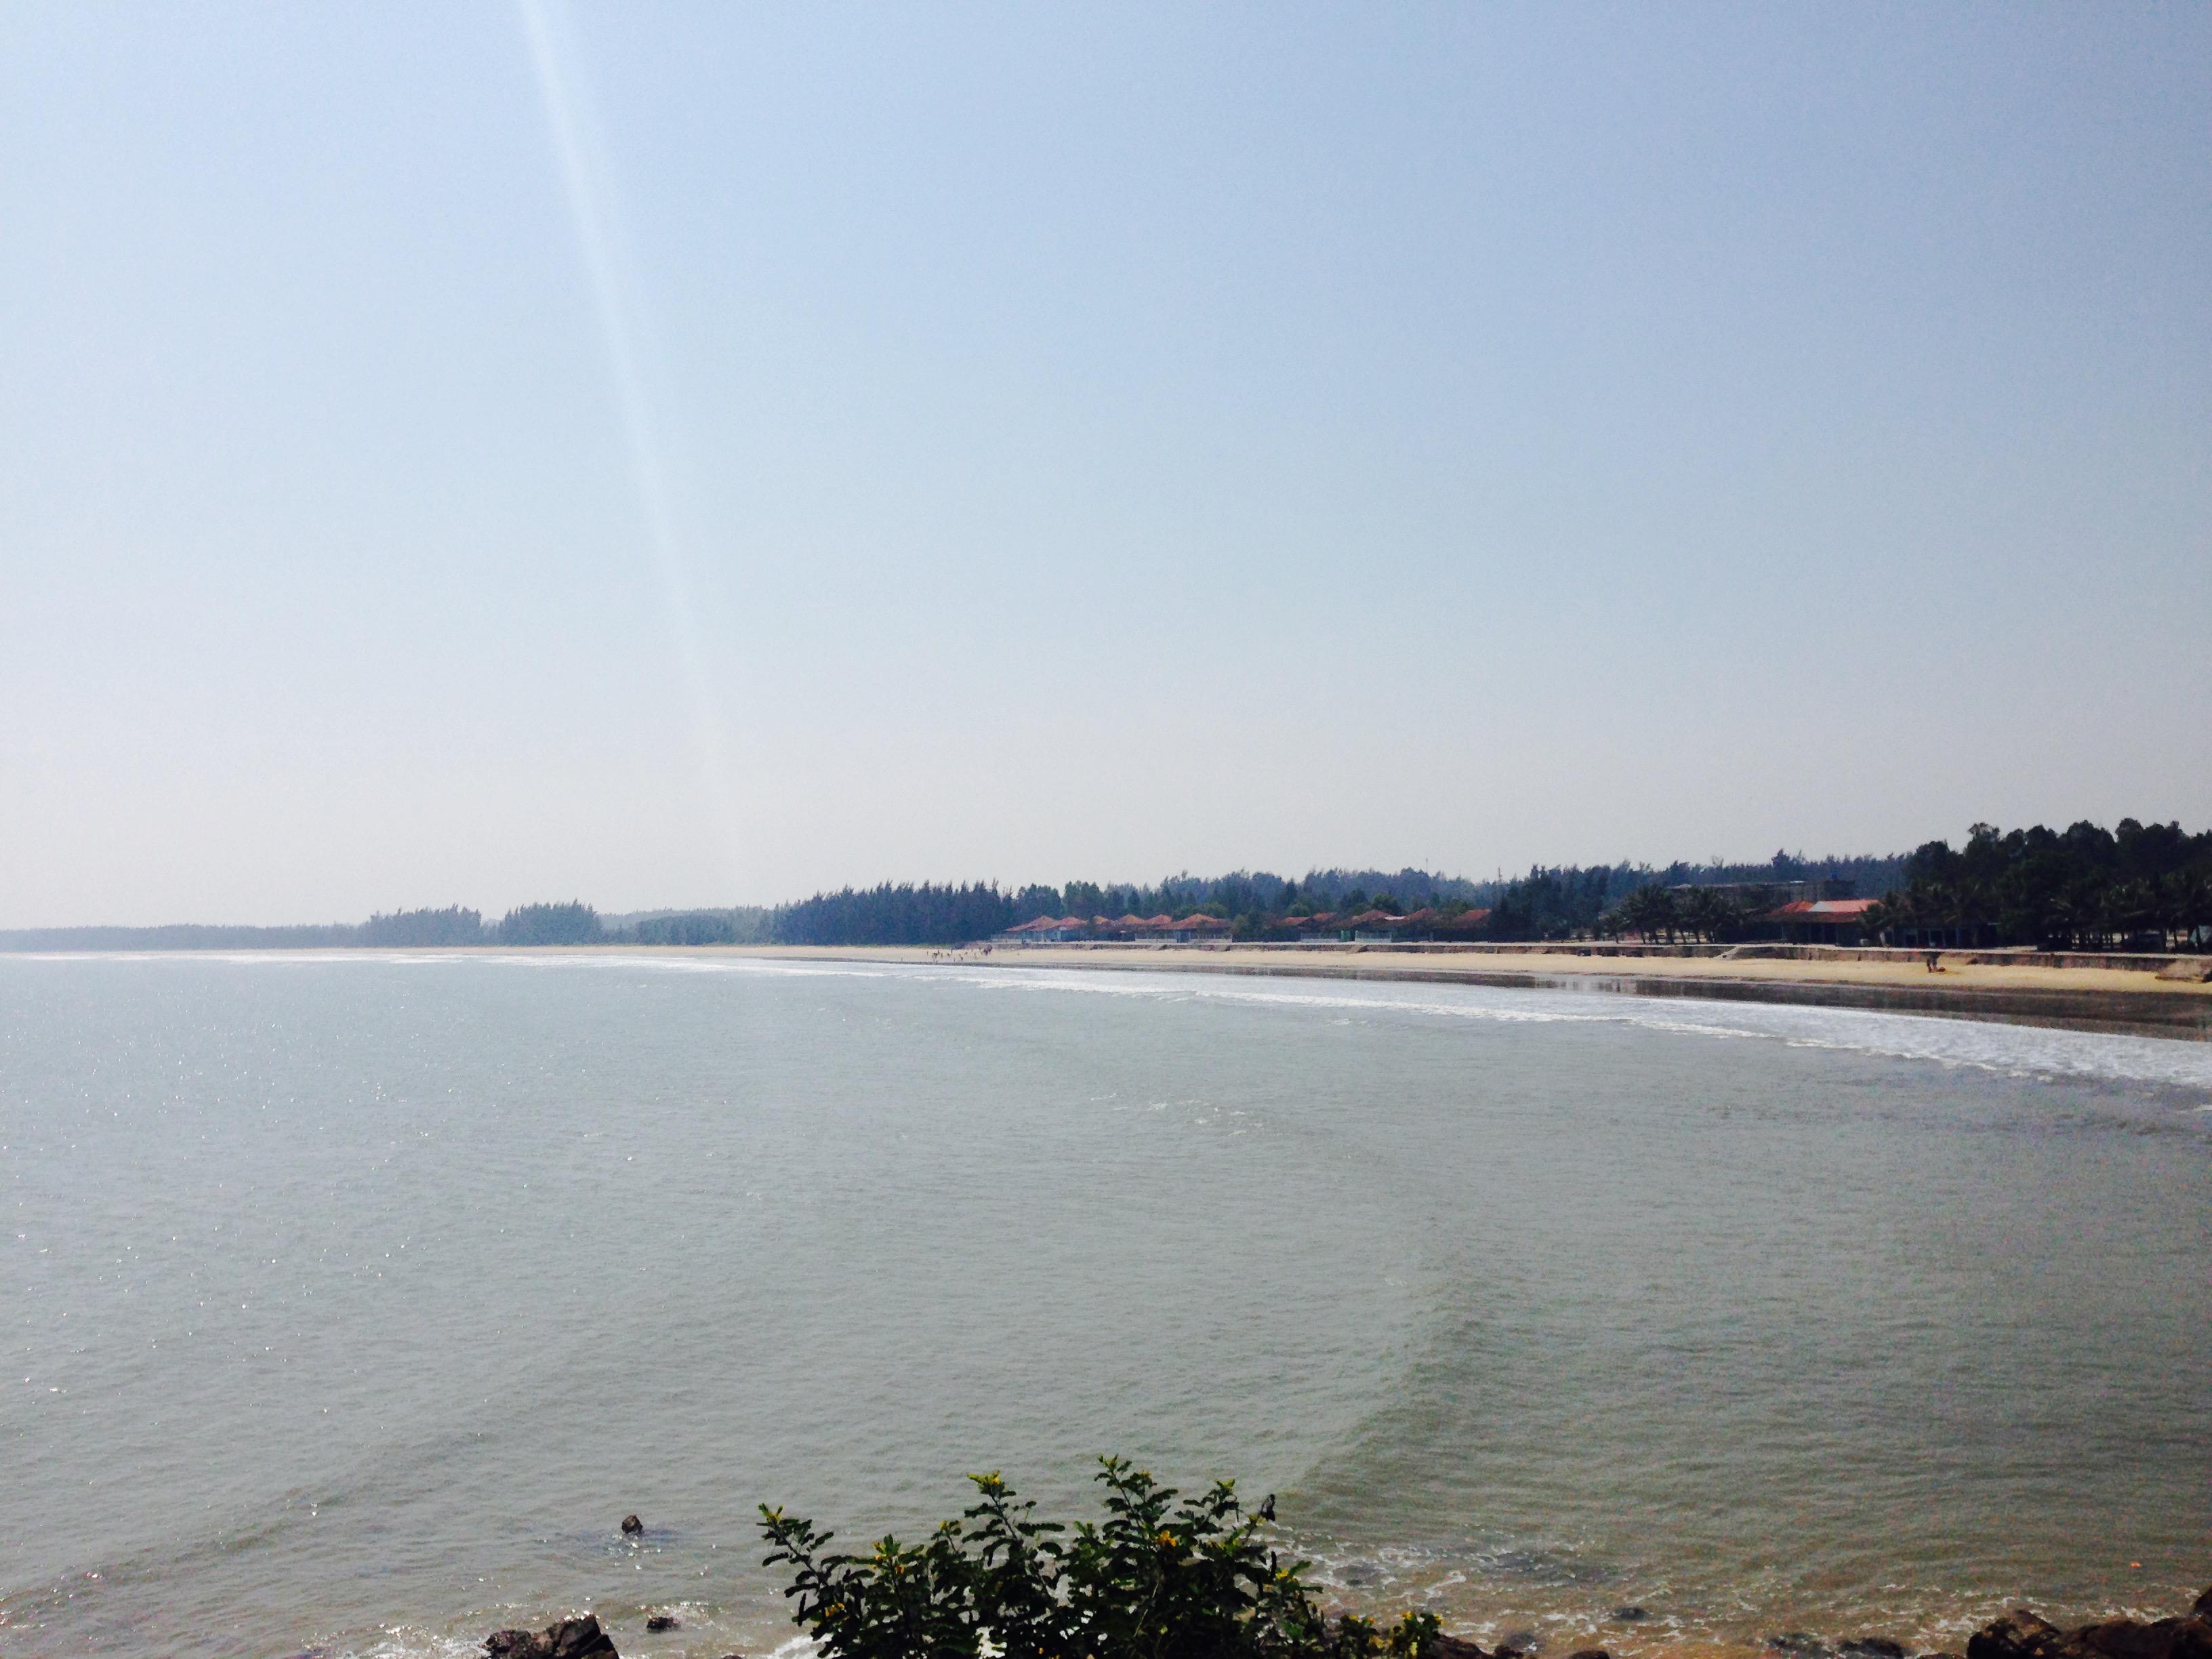 Hình ảnh Biển Quỳnh hoang sơ và đẹp quyến rũ trong nắng xuân số 3